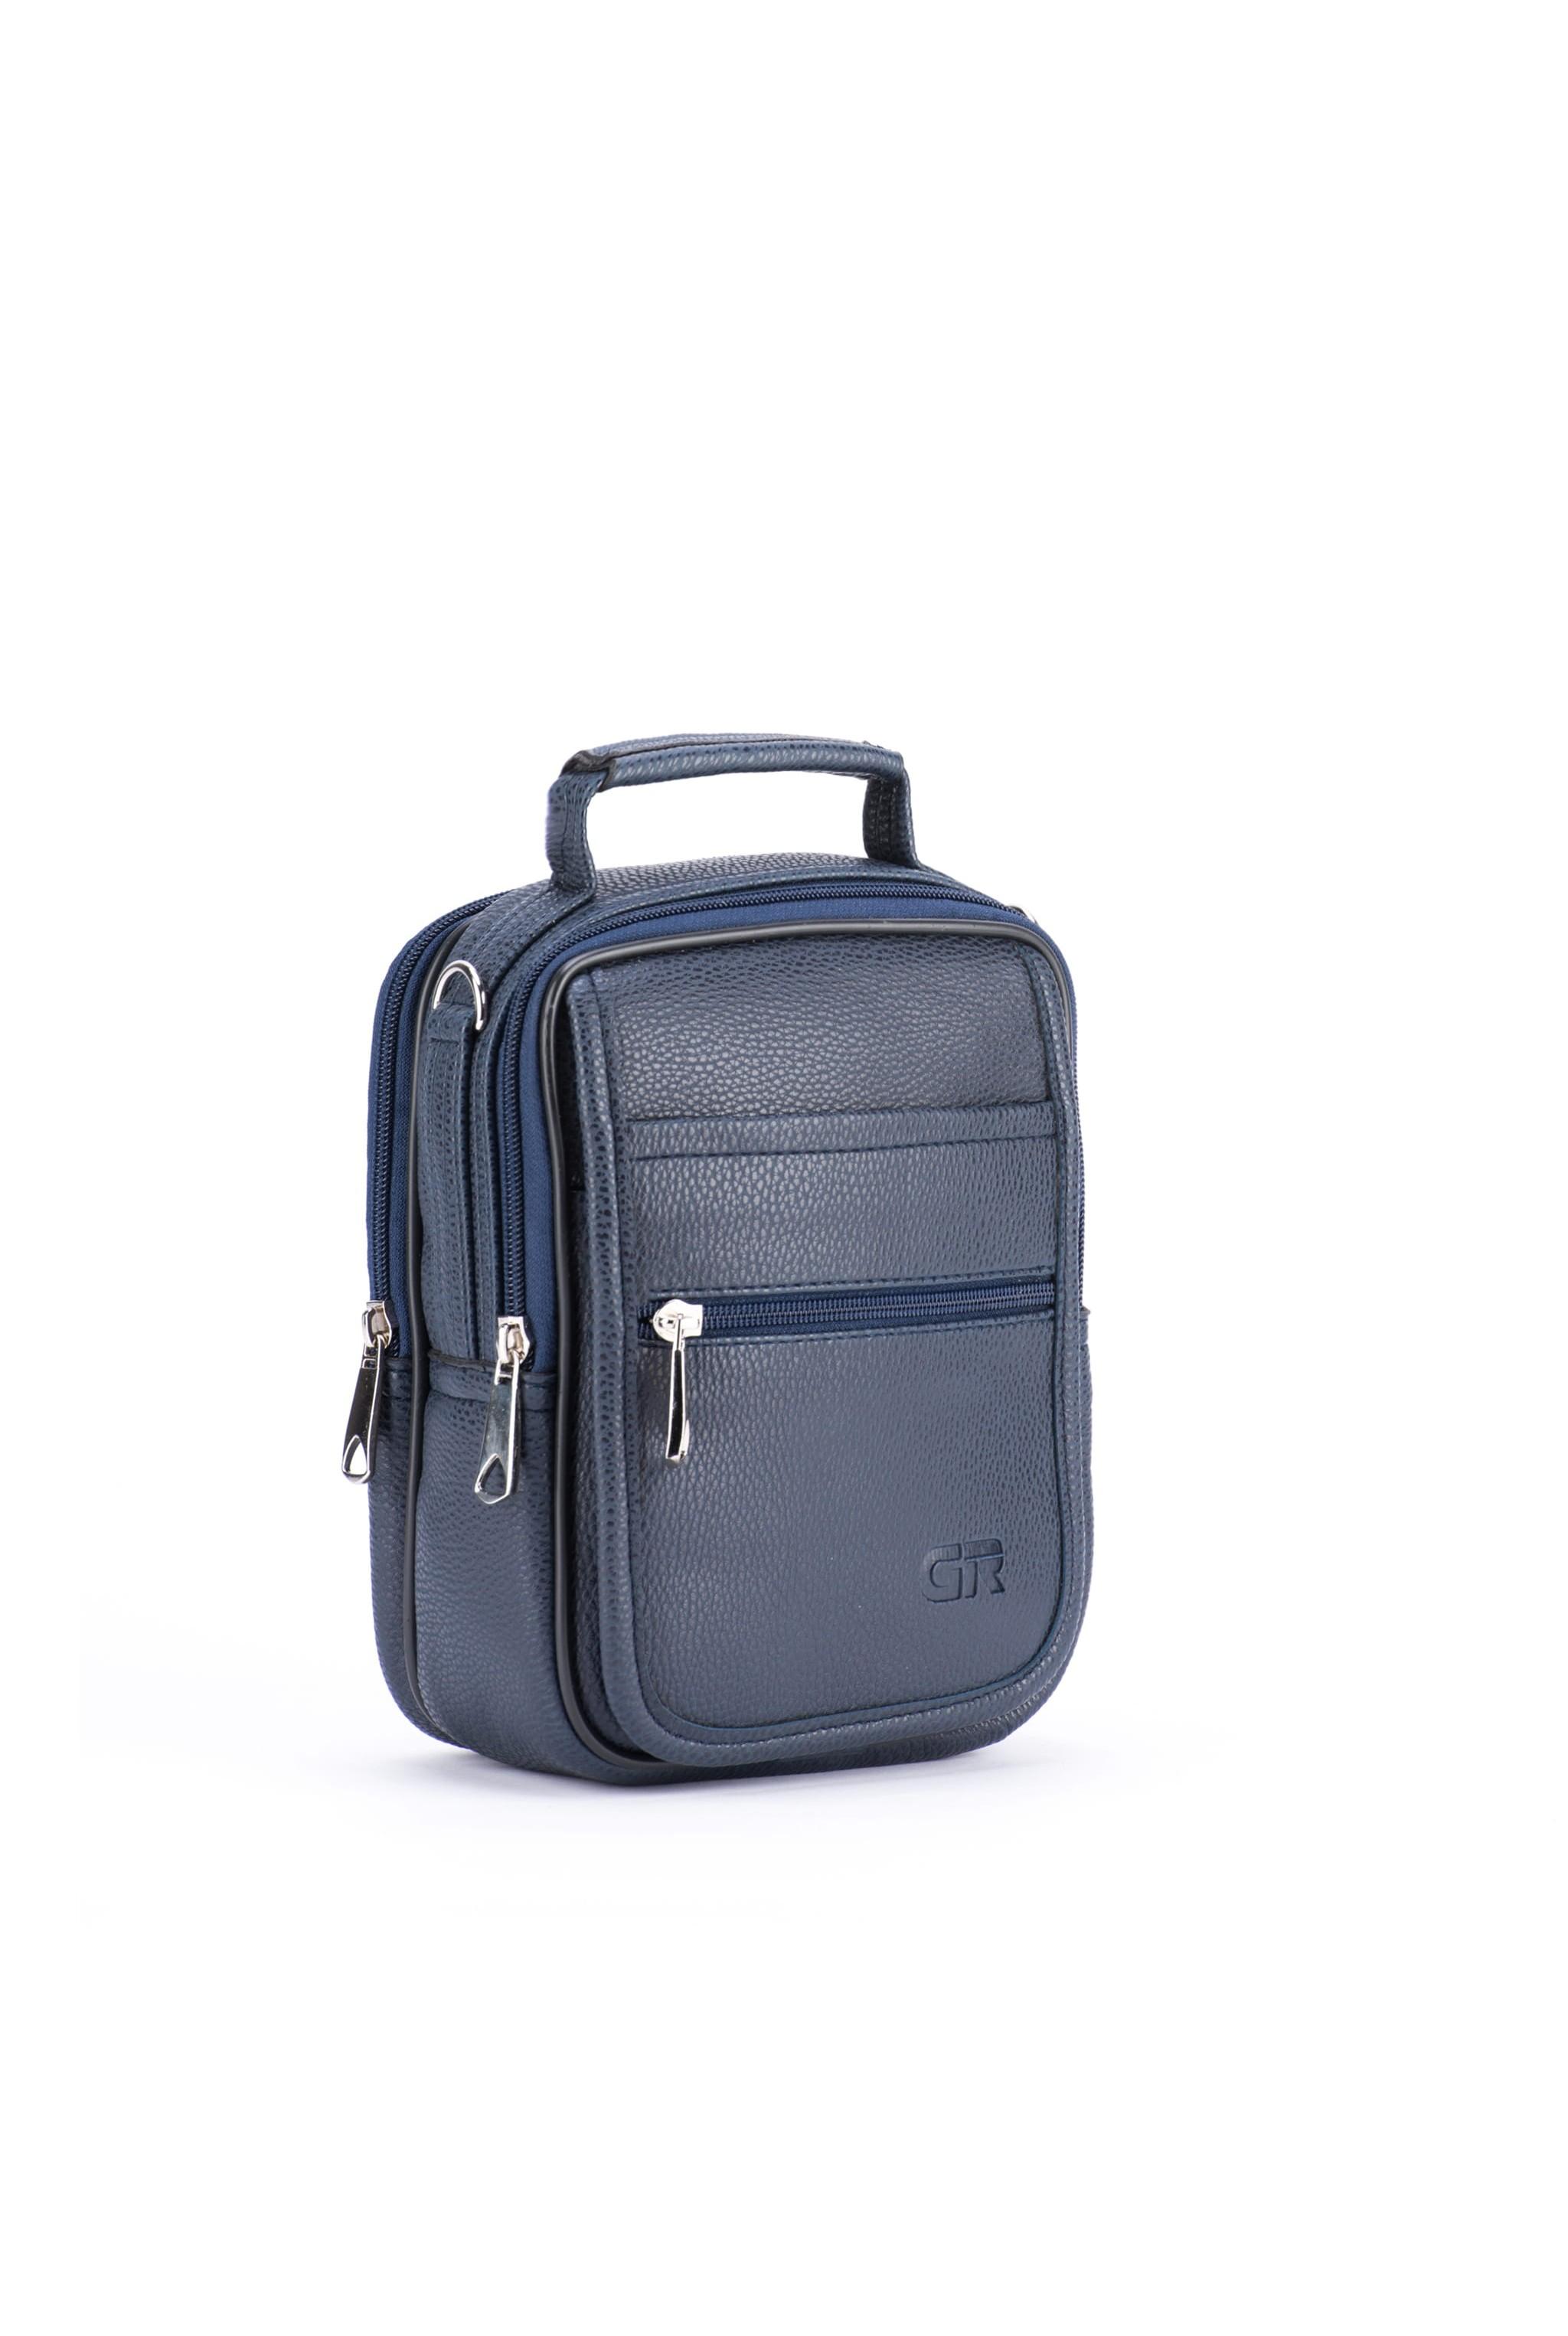 602afe6cf7972 صورة 1 من اصل 10. بيع جملة - حقيبة يد رجالية ...